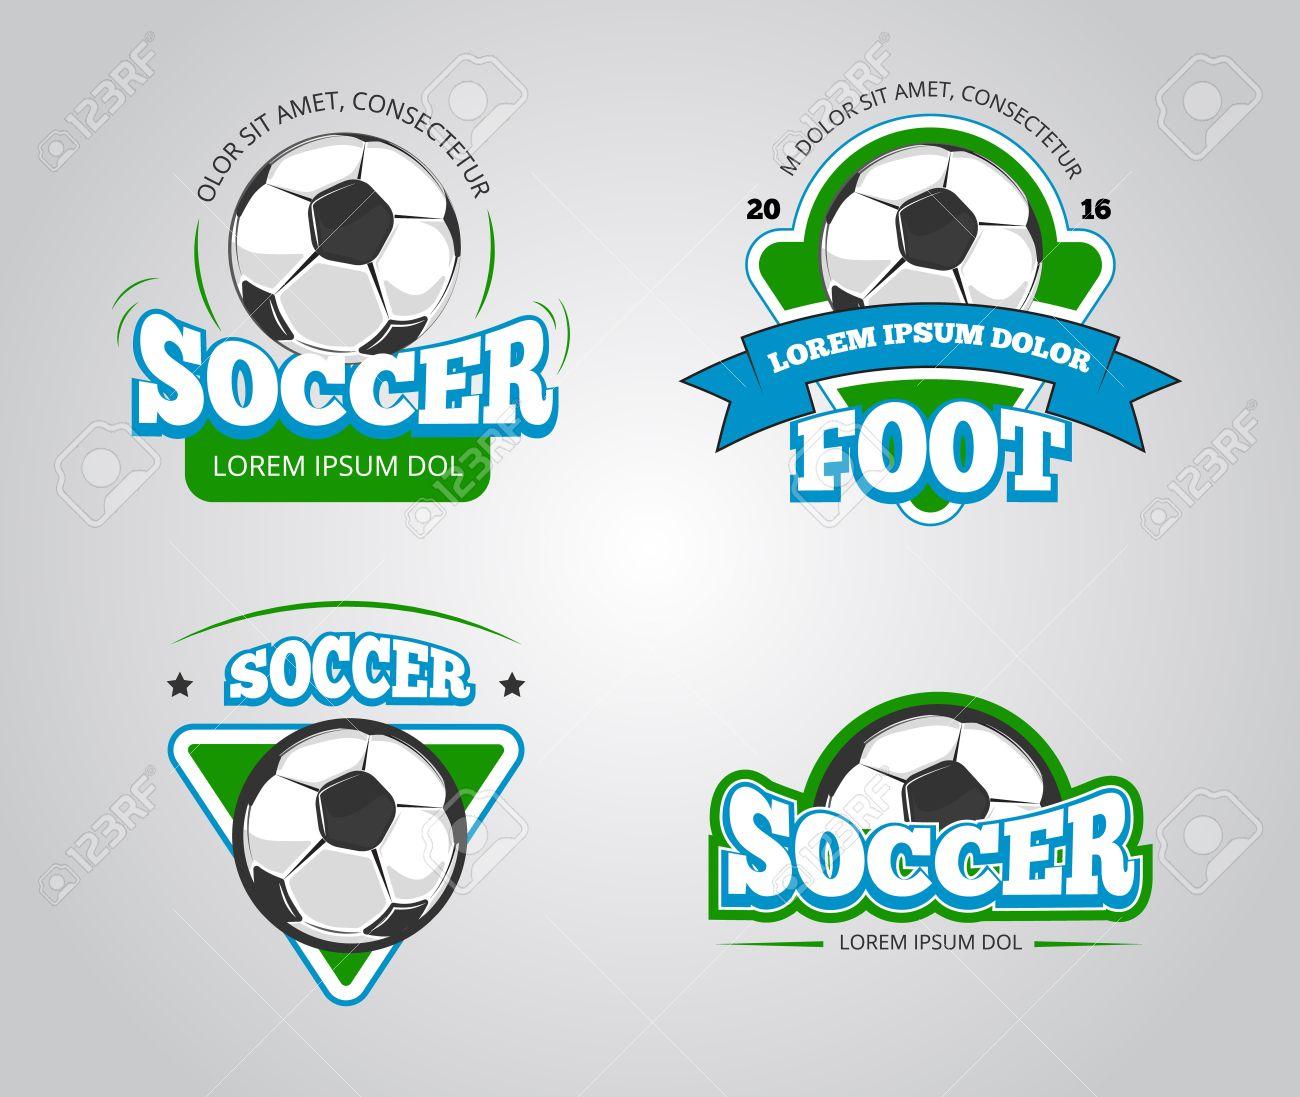 Foto de archivo - Insignias de fútbol vector de fútbol 3e08905a7a546